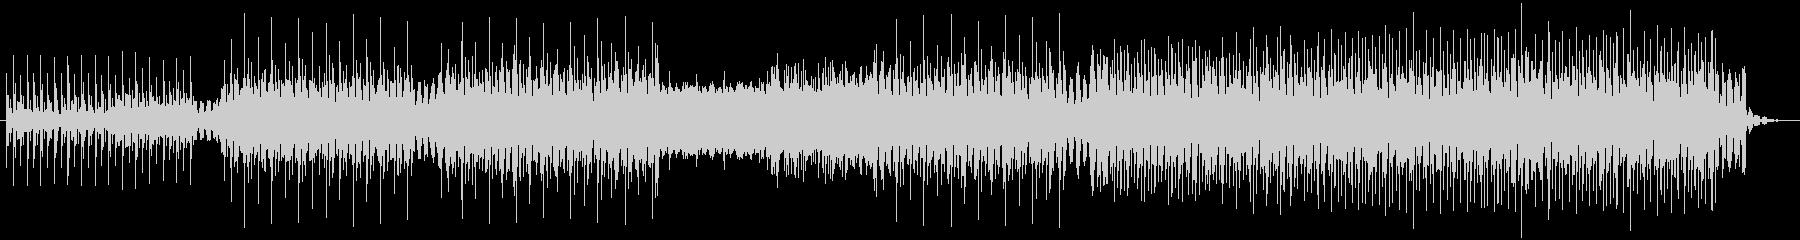 クールな4つ打ちハウス ループ系の未再生の波形